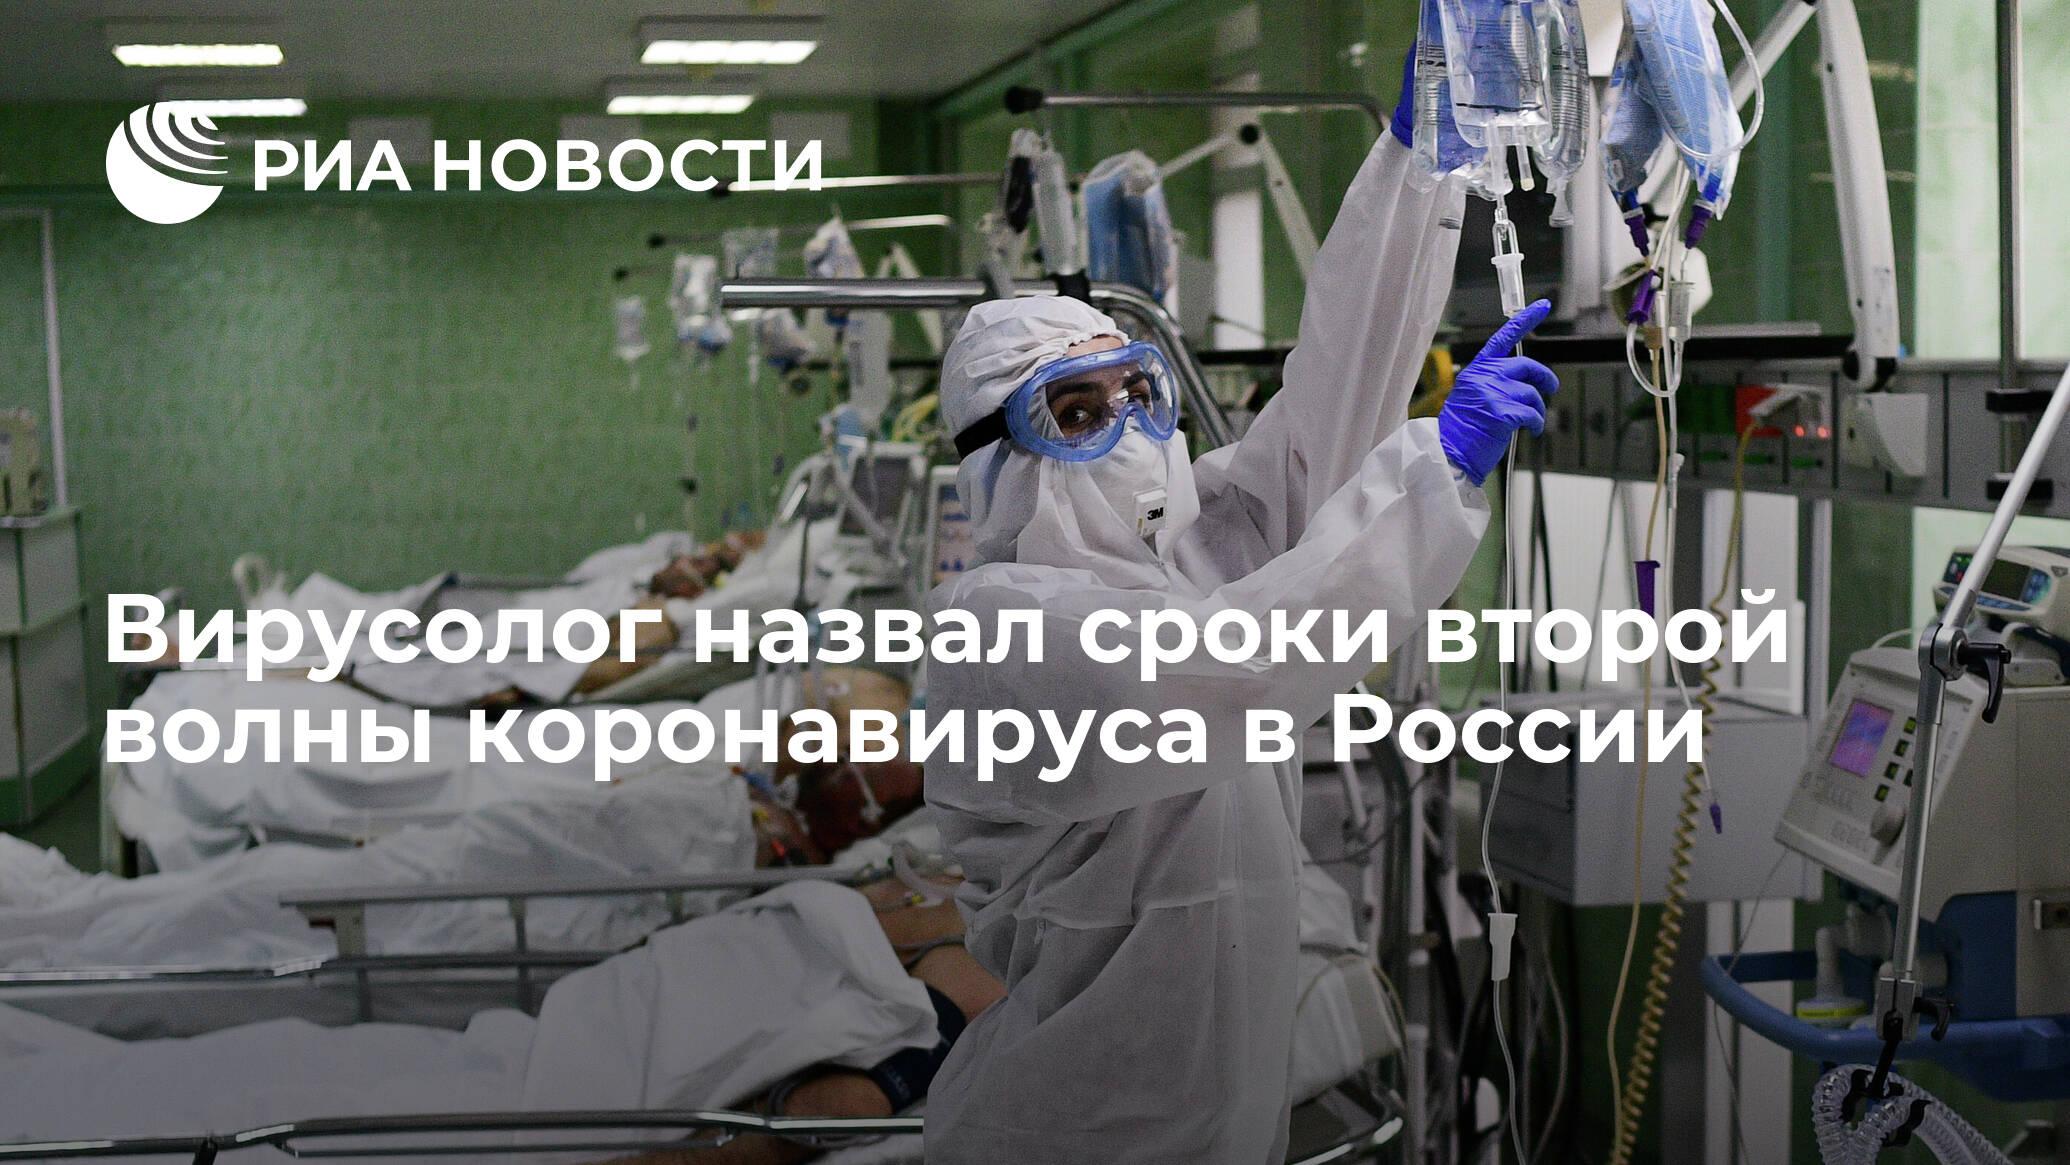 Вирусолог назвал сроки второй волны коронавируса в России